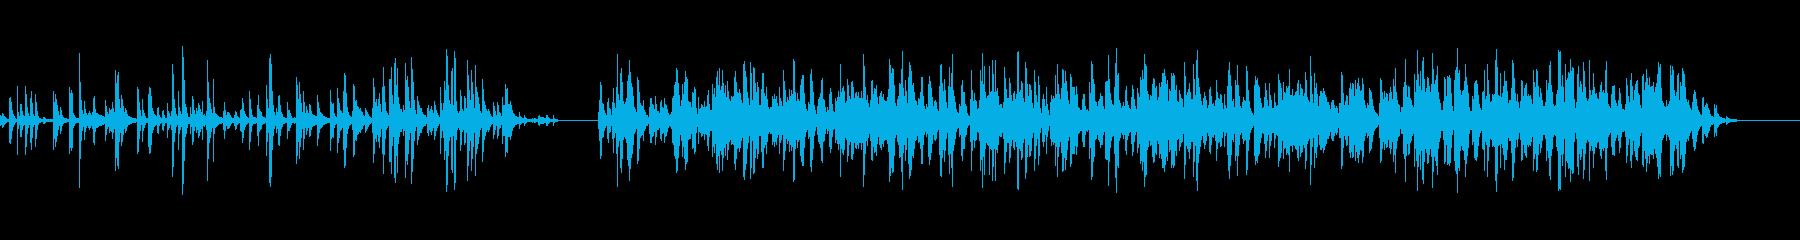 ベルツリー、メタルスティック、イン...の再生済みの波形